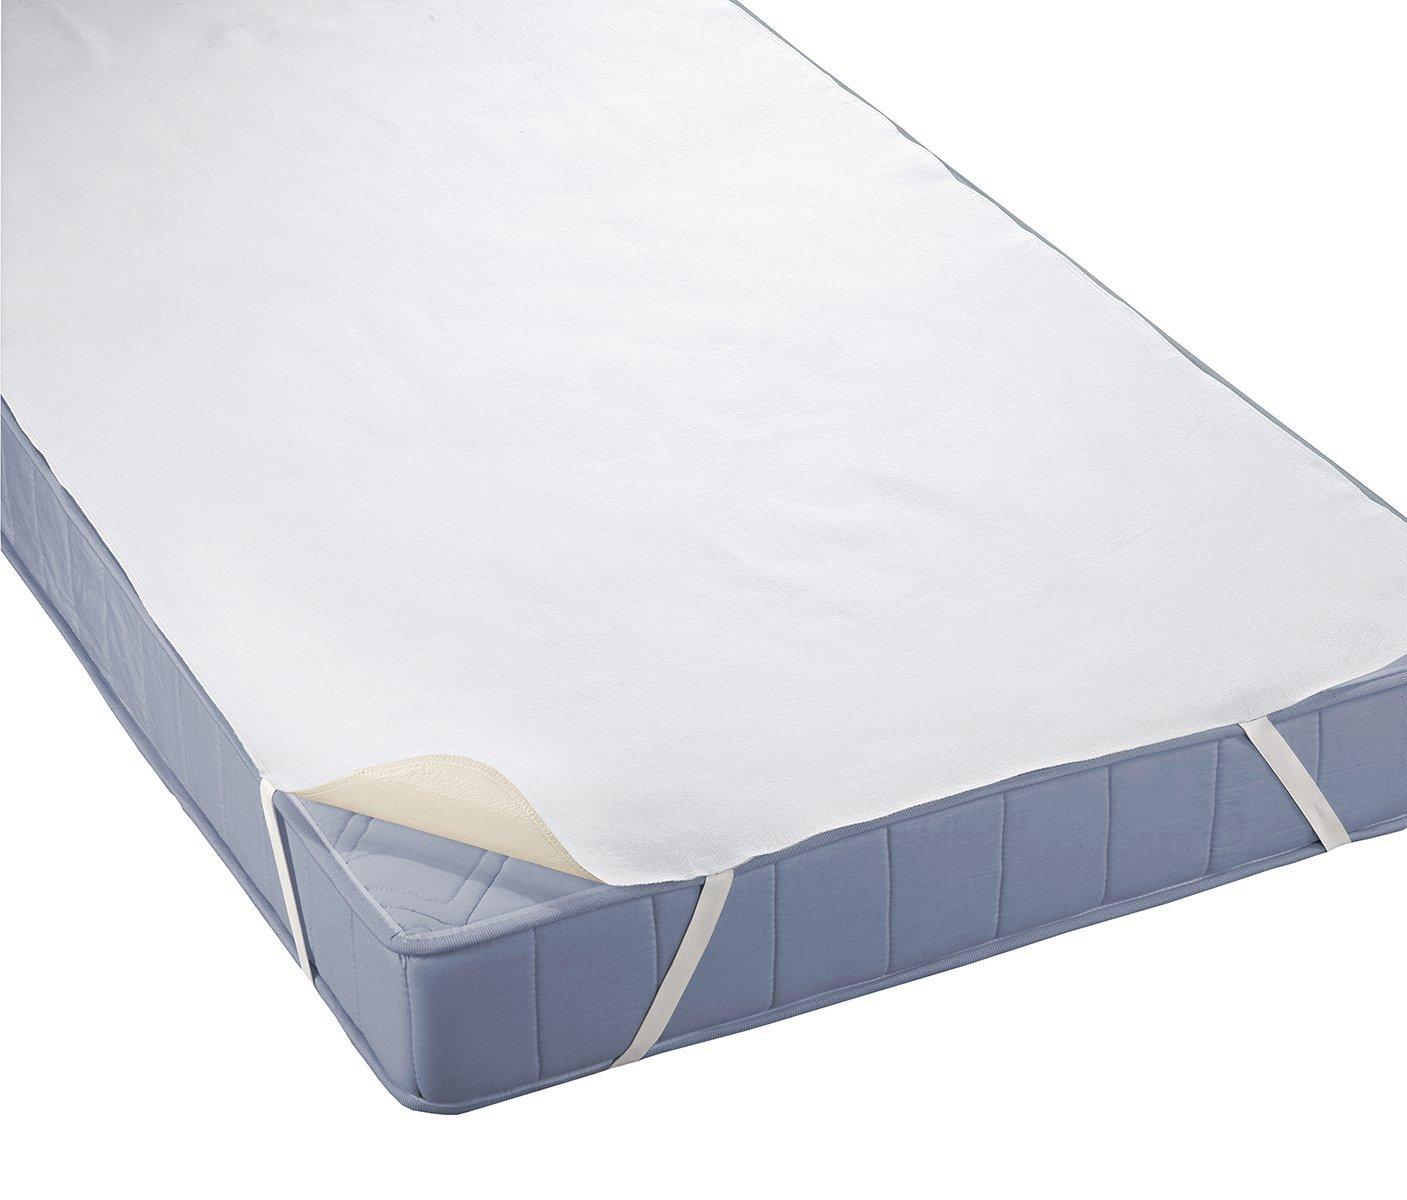 Biberna 809600/001/142 - Protector de colchón con elásticos, tamaño 90 x 200 cm, impermeable, color blanco, antibacteriano, antiácaros silverprotect, parte superior 100% algodón, se puede lavar a 95º, cómodo y suave   Comentarios y más información